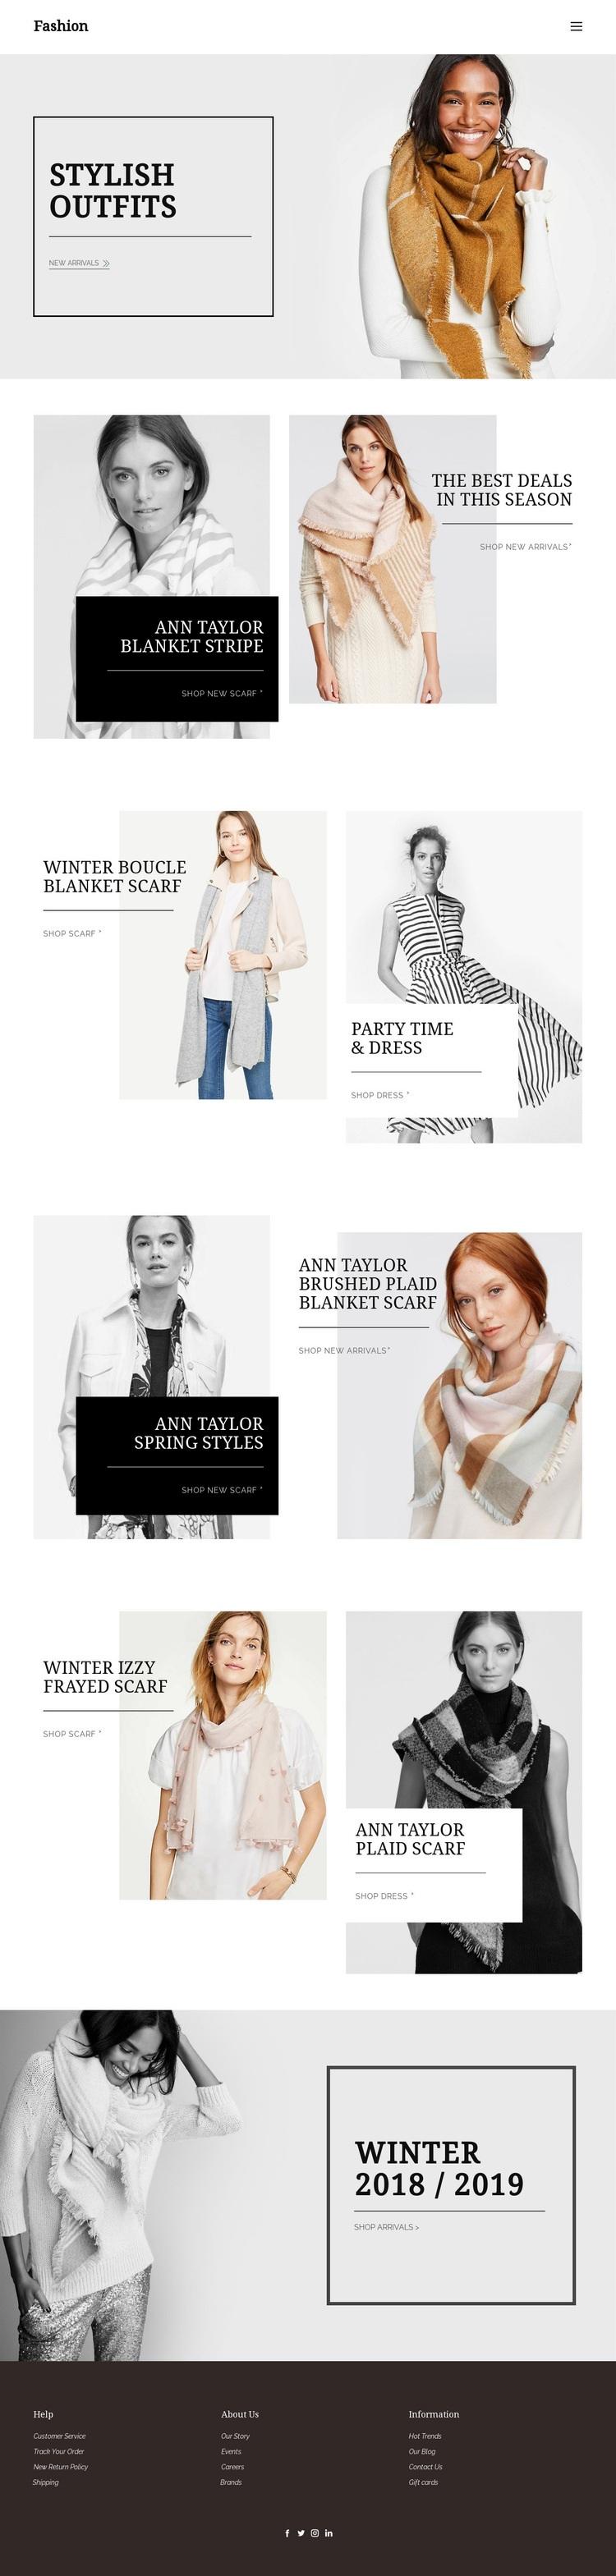 Personal shopper service Wysiwyg Editor Html